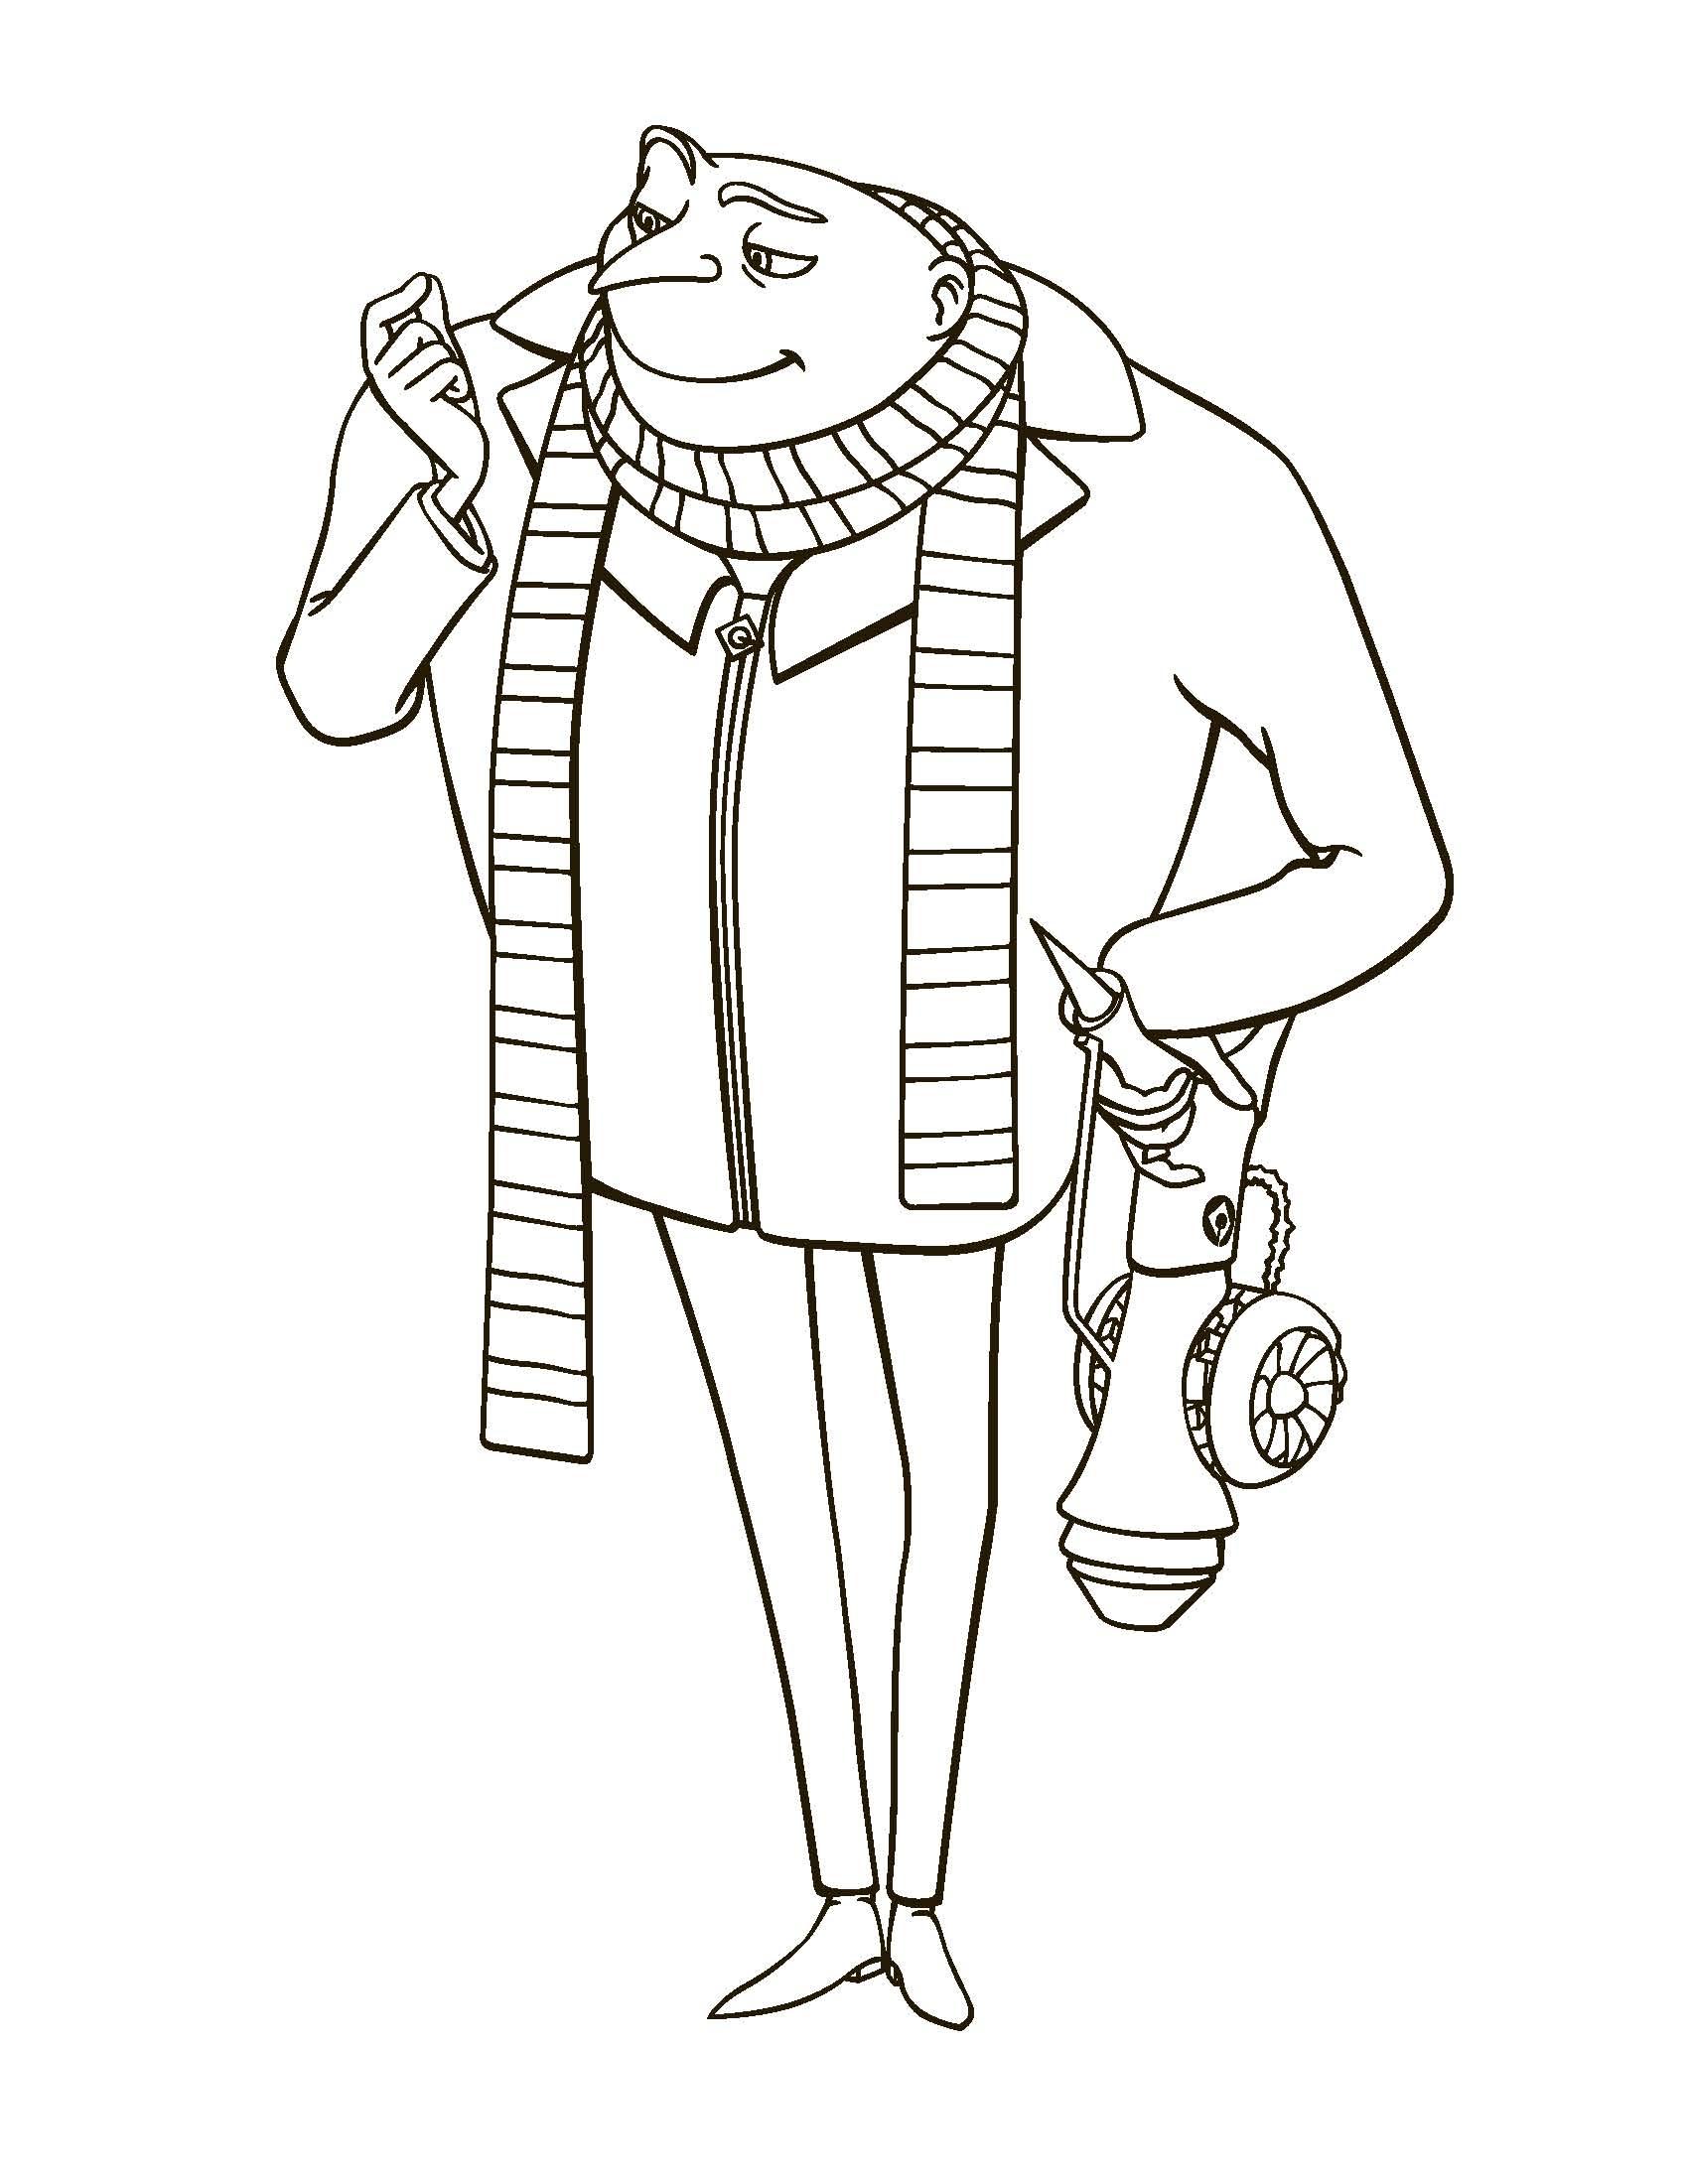 Jogo Meu Malvado Favorito E Os Minions Desenhos Para Imprimir